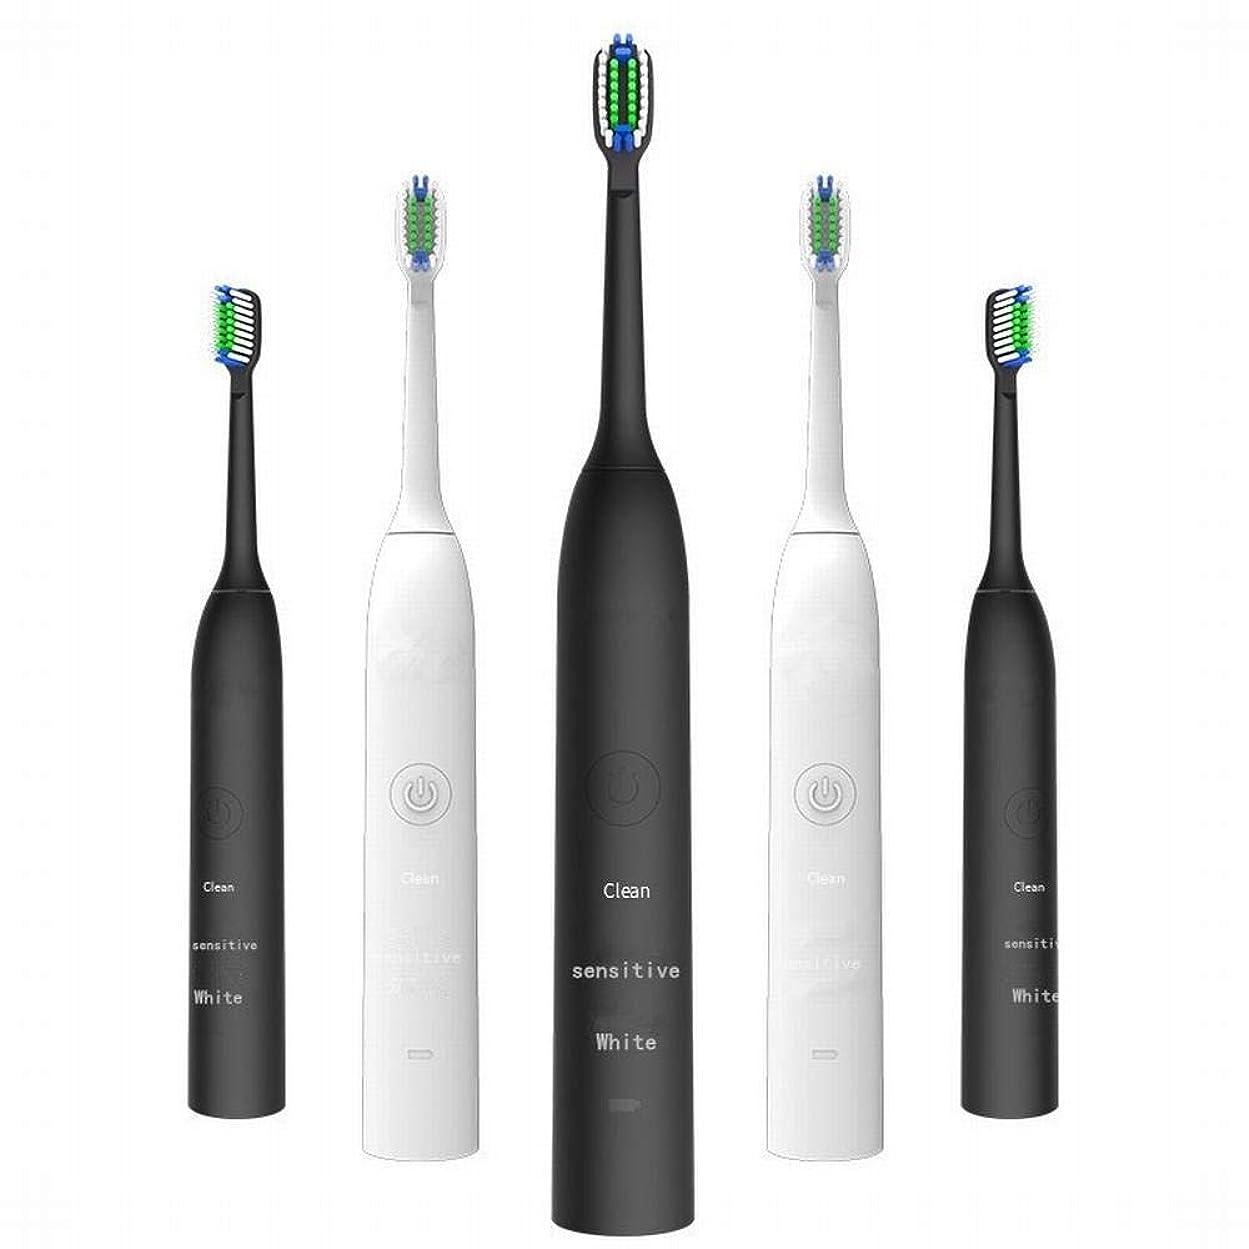 移行する代数的クマノミLKJASDHL 充電式電動歯ブラシ2つのブラシヘッドで3速度調整誘導充電音波振動歯ブラシキッズ電動歯ブラシ (色 : ブラック)